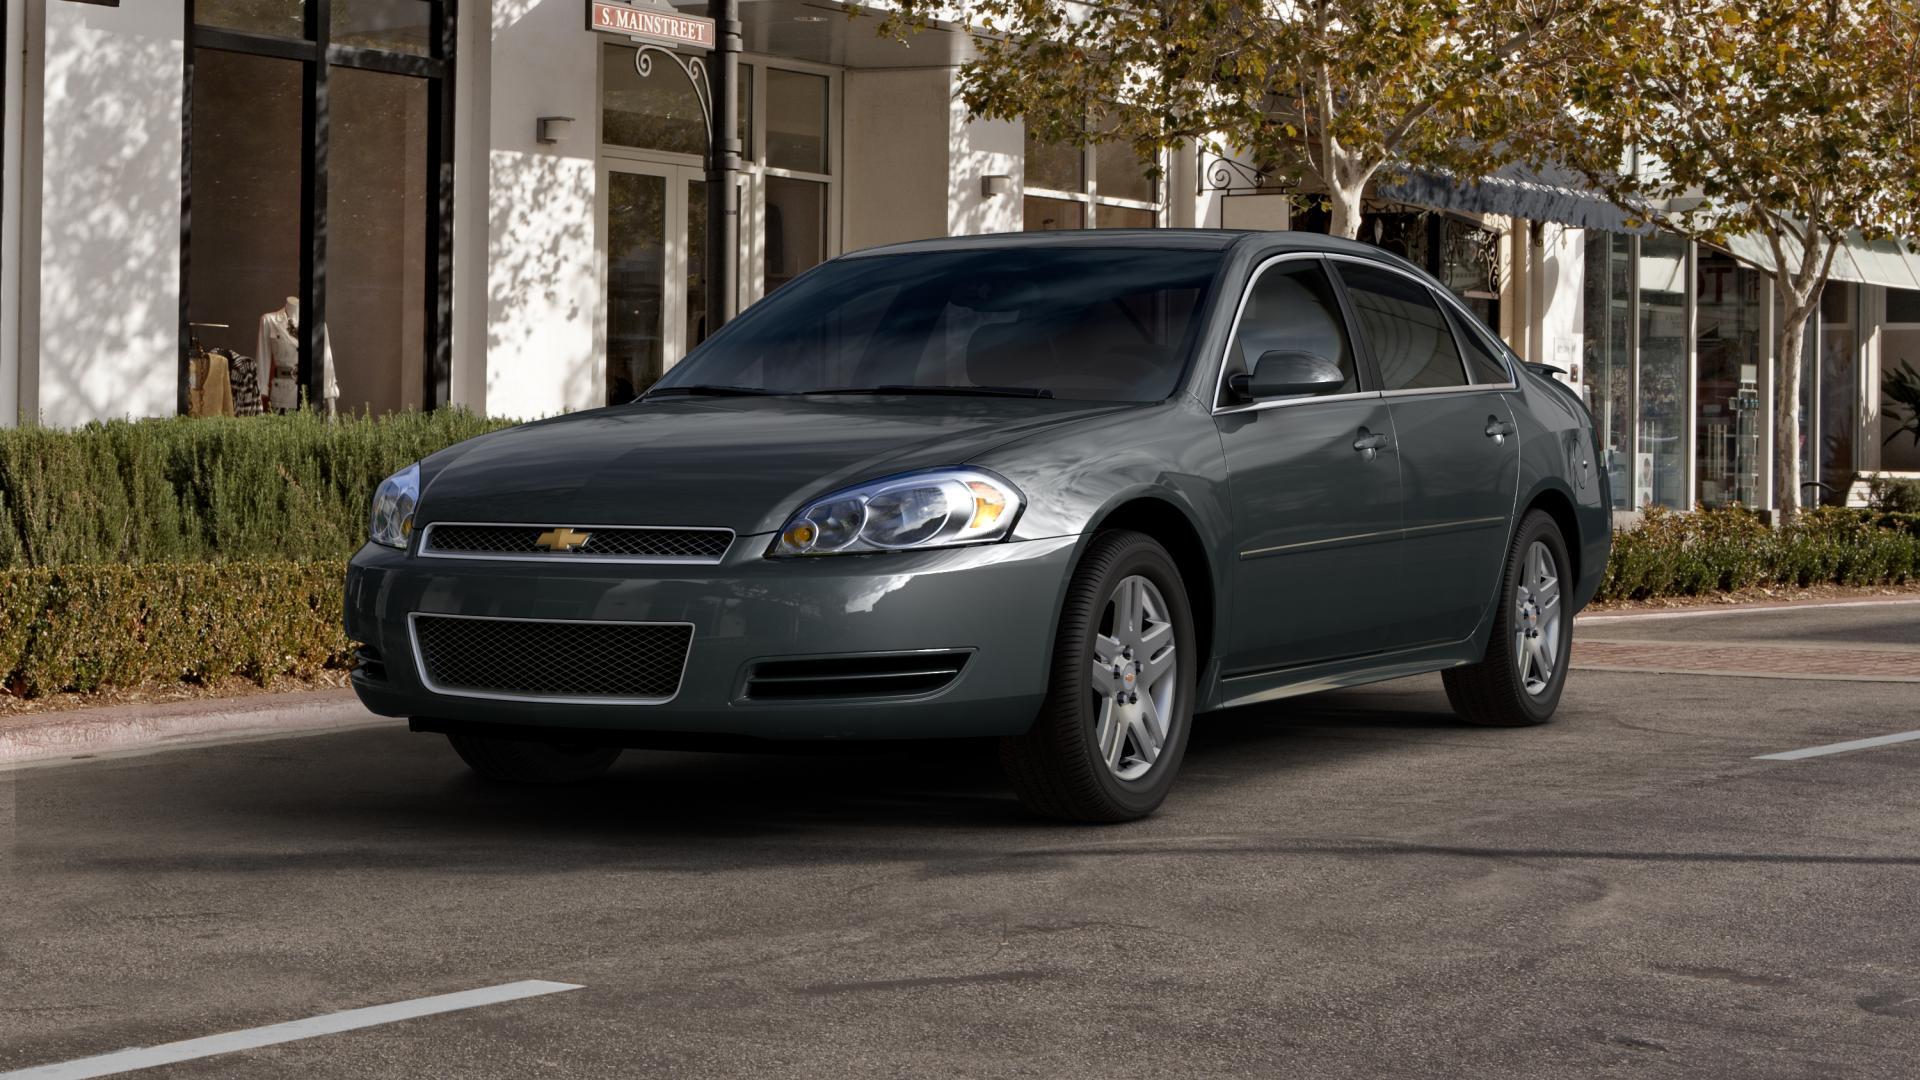 2013 chevrolet impala. Black Bedroom Furniture Sets. Home Design Ideas